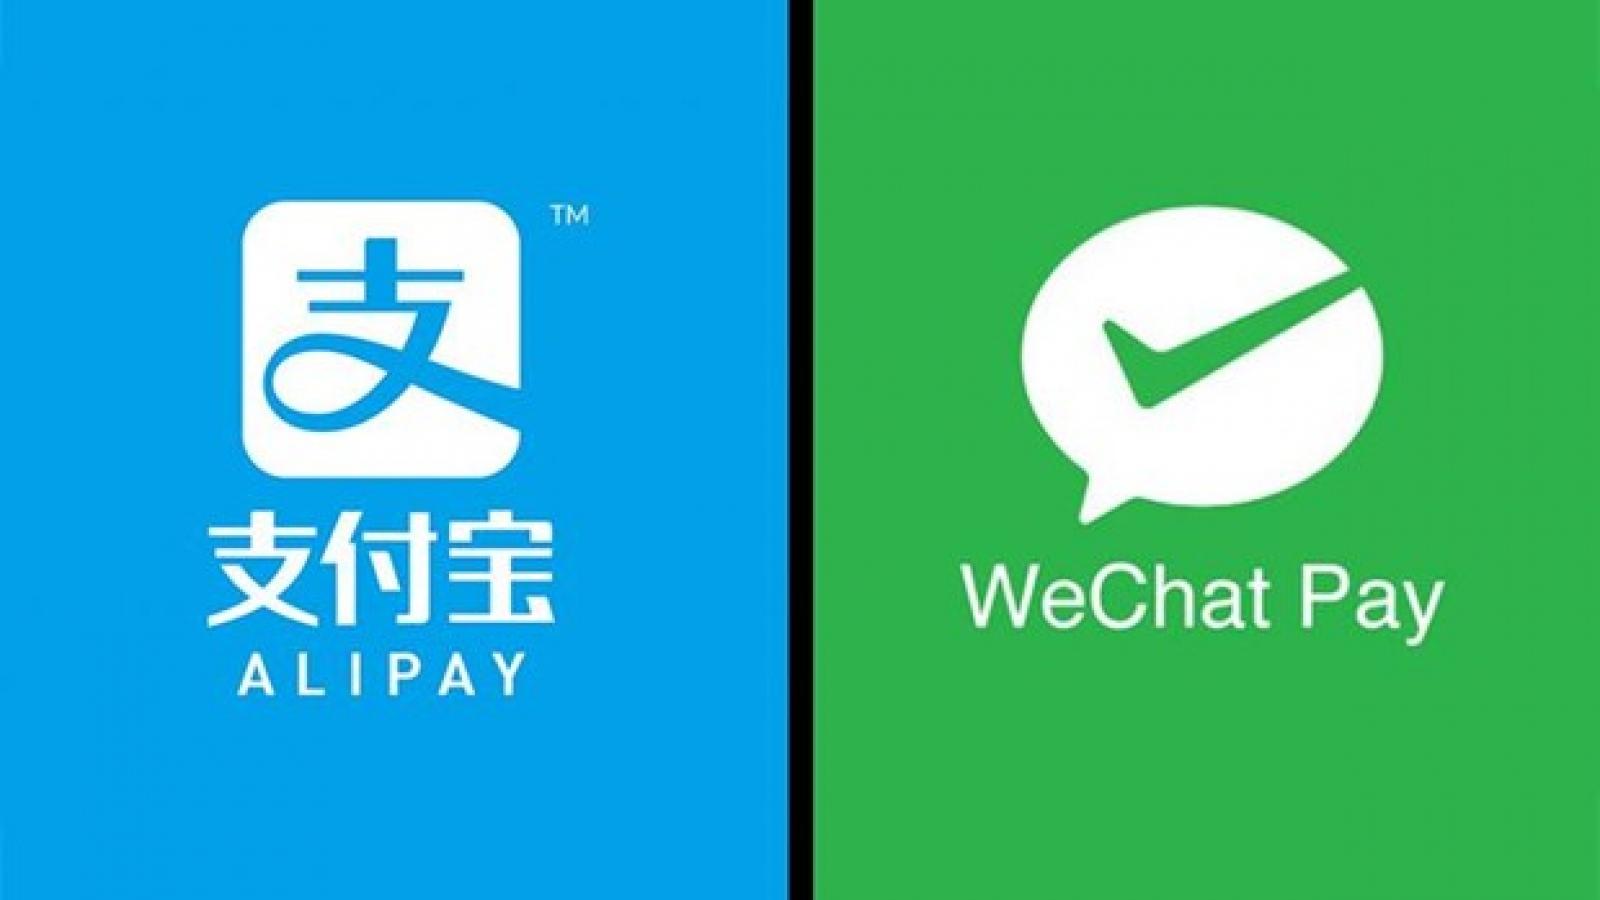 """Trung Quốc gọi Mỹ là """"cướp biển thời hiện đại"""" sau khi đe dọa hạn chế WeChat Pay và Alipay"""